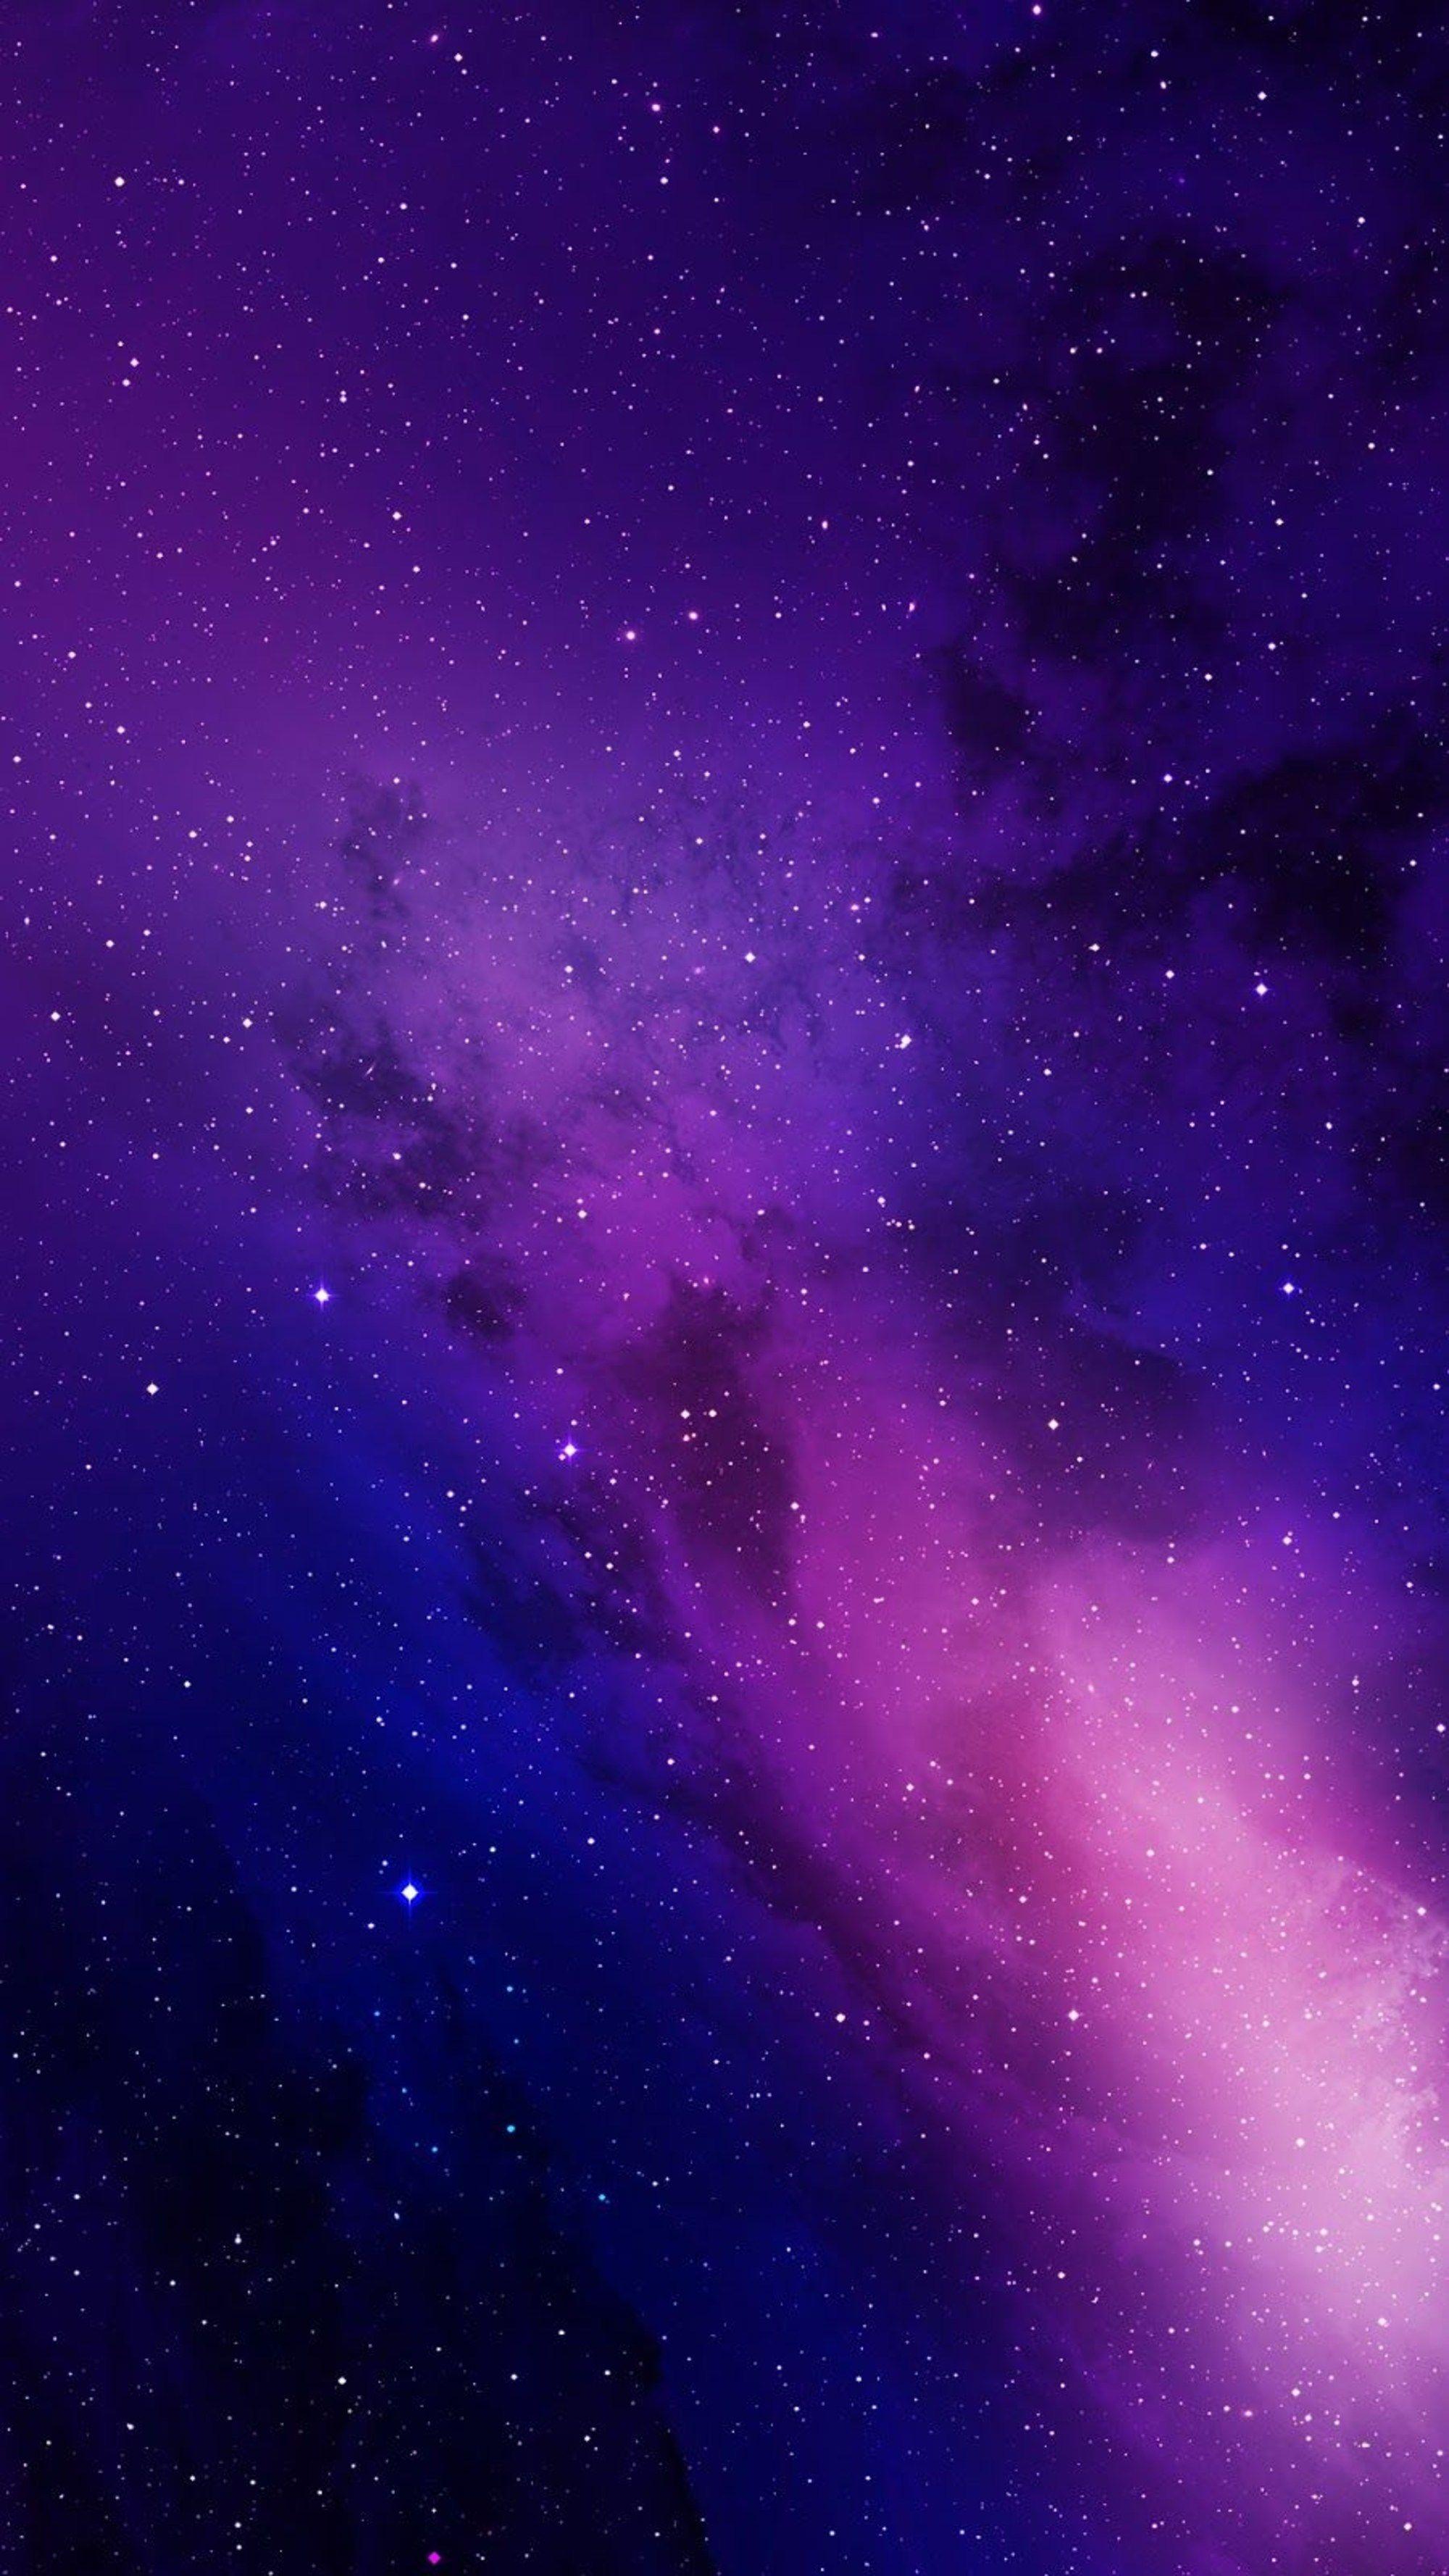 Sky Violet Purple Blue Atmosphere Space Galaxy Wallpaper Iphone Galaxy Phone Wallpaper Purple Galaxy Wallpaper